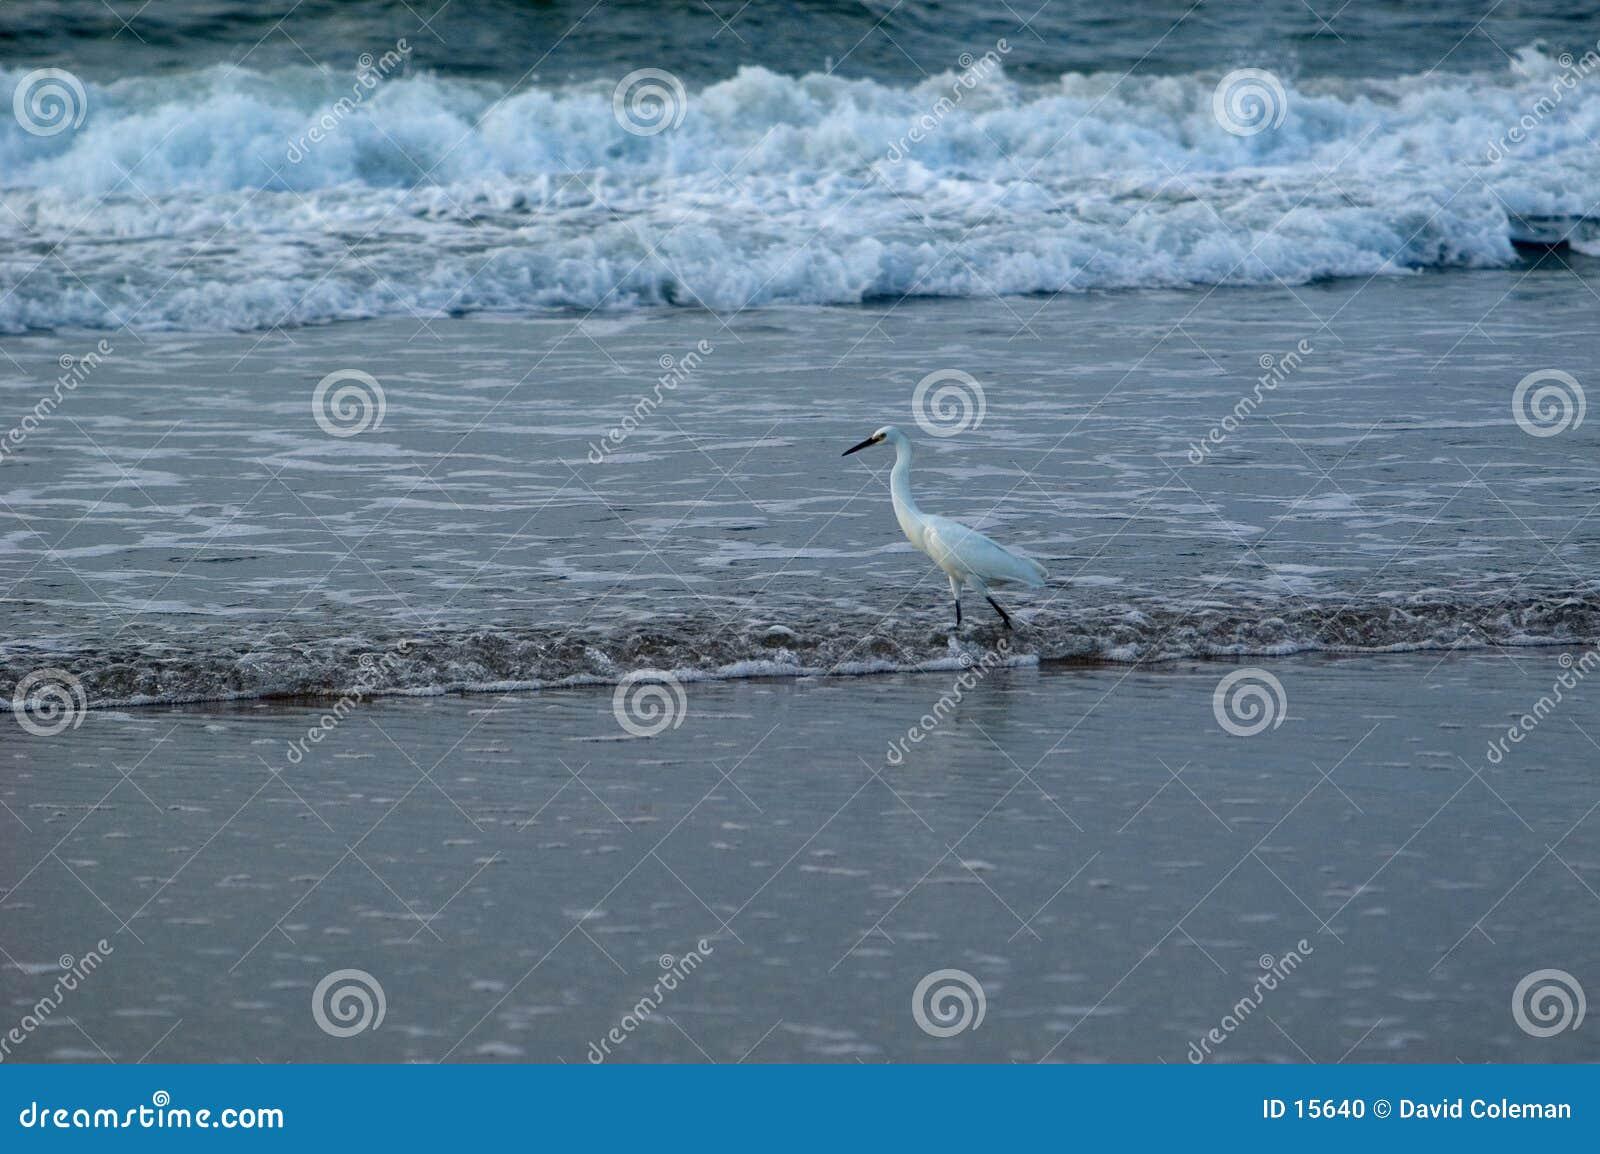 Bird surf fishing